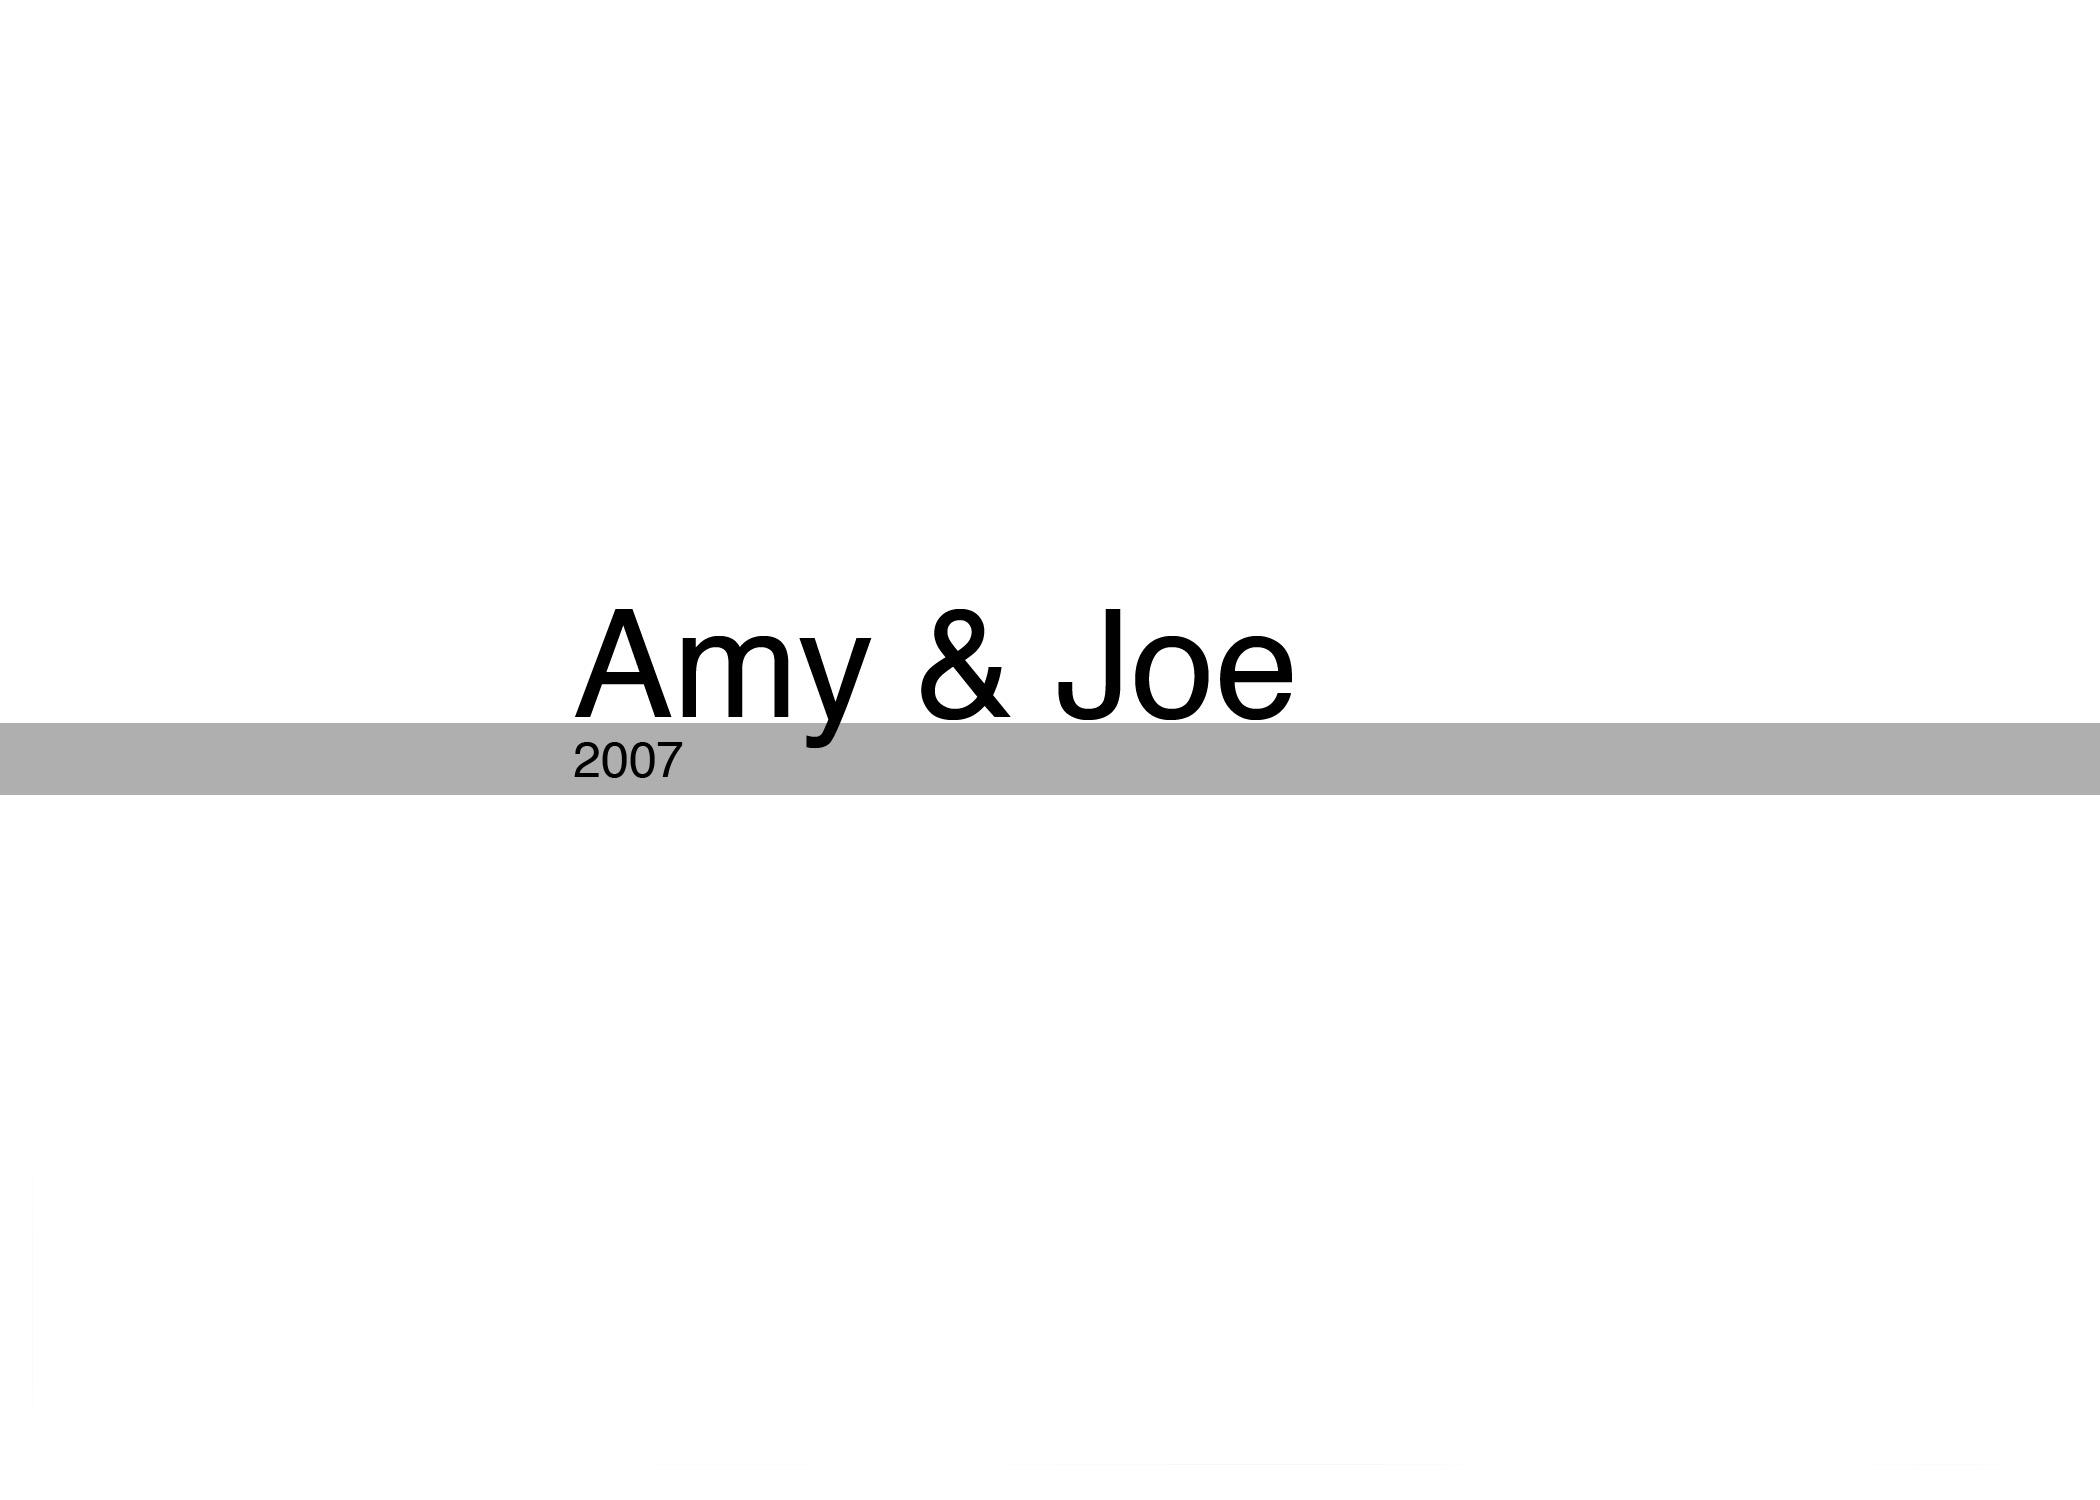 A&Jbox.jpg